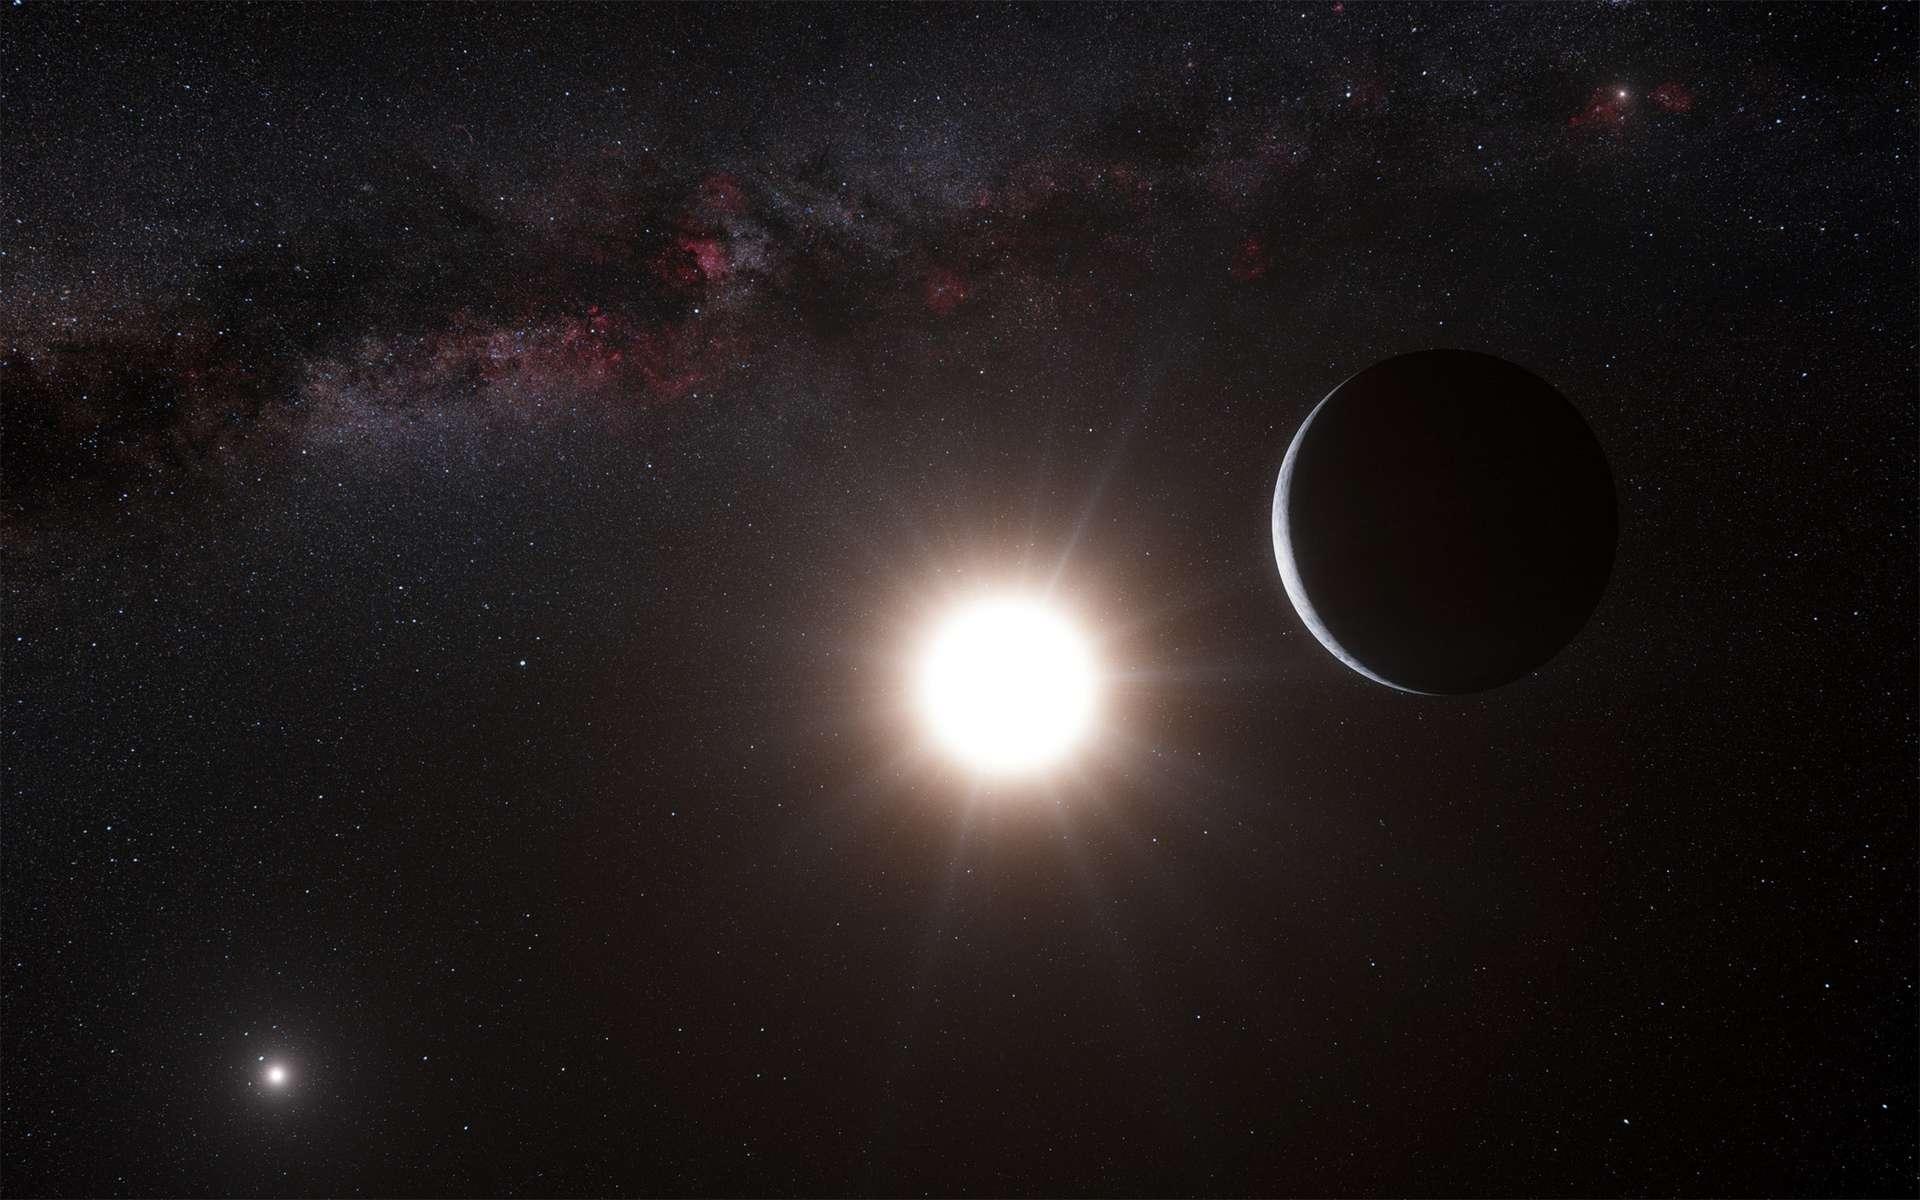 Avec près de 3.440 exoplanètes recensées, les instruments terrestres et spatiaux capables de plonger au cœur de leurs atmosphères se font désormais attendre. Dans trois ans, le satellite Twinkle devrait fournir des informations inédites sur la composition de 100 à 150 Jupiter chaudes. © ESO, L. Calçada, Nick Risinger